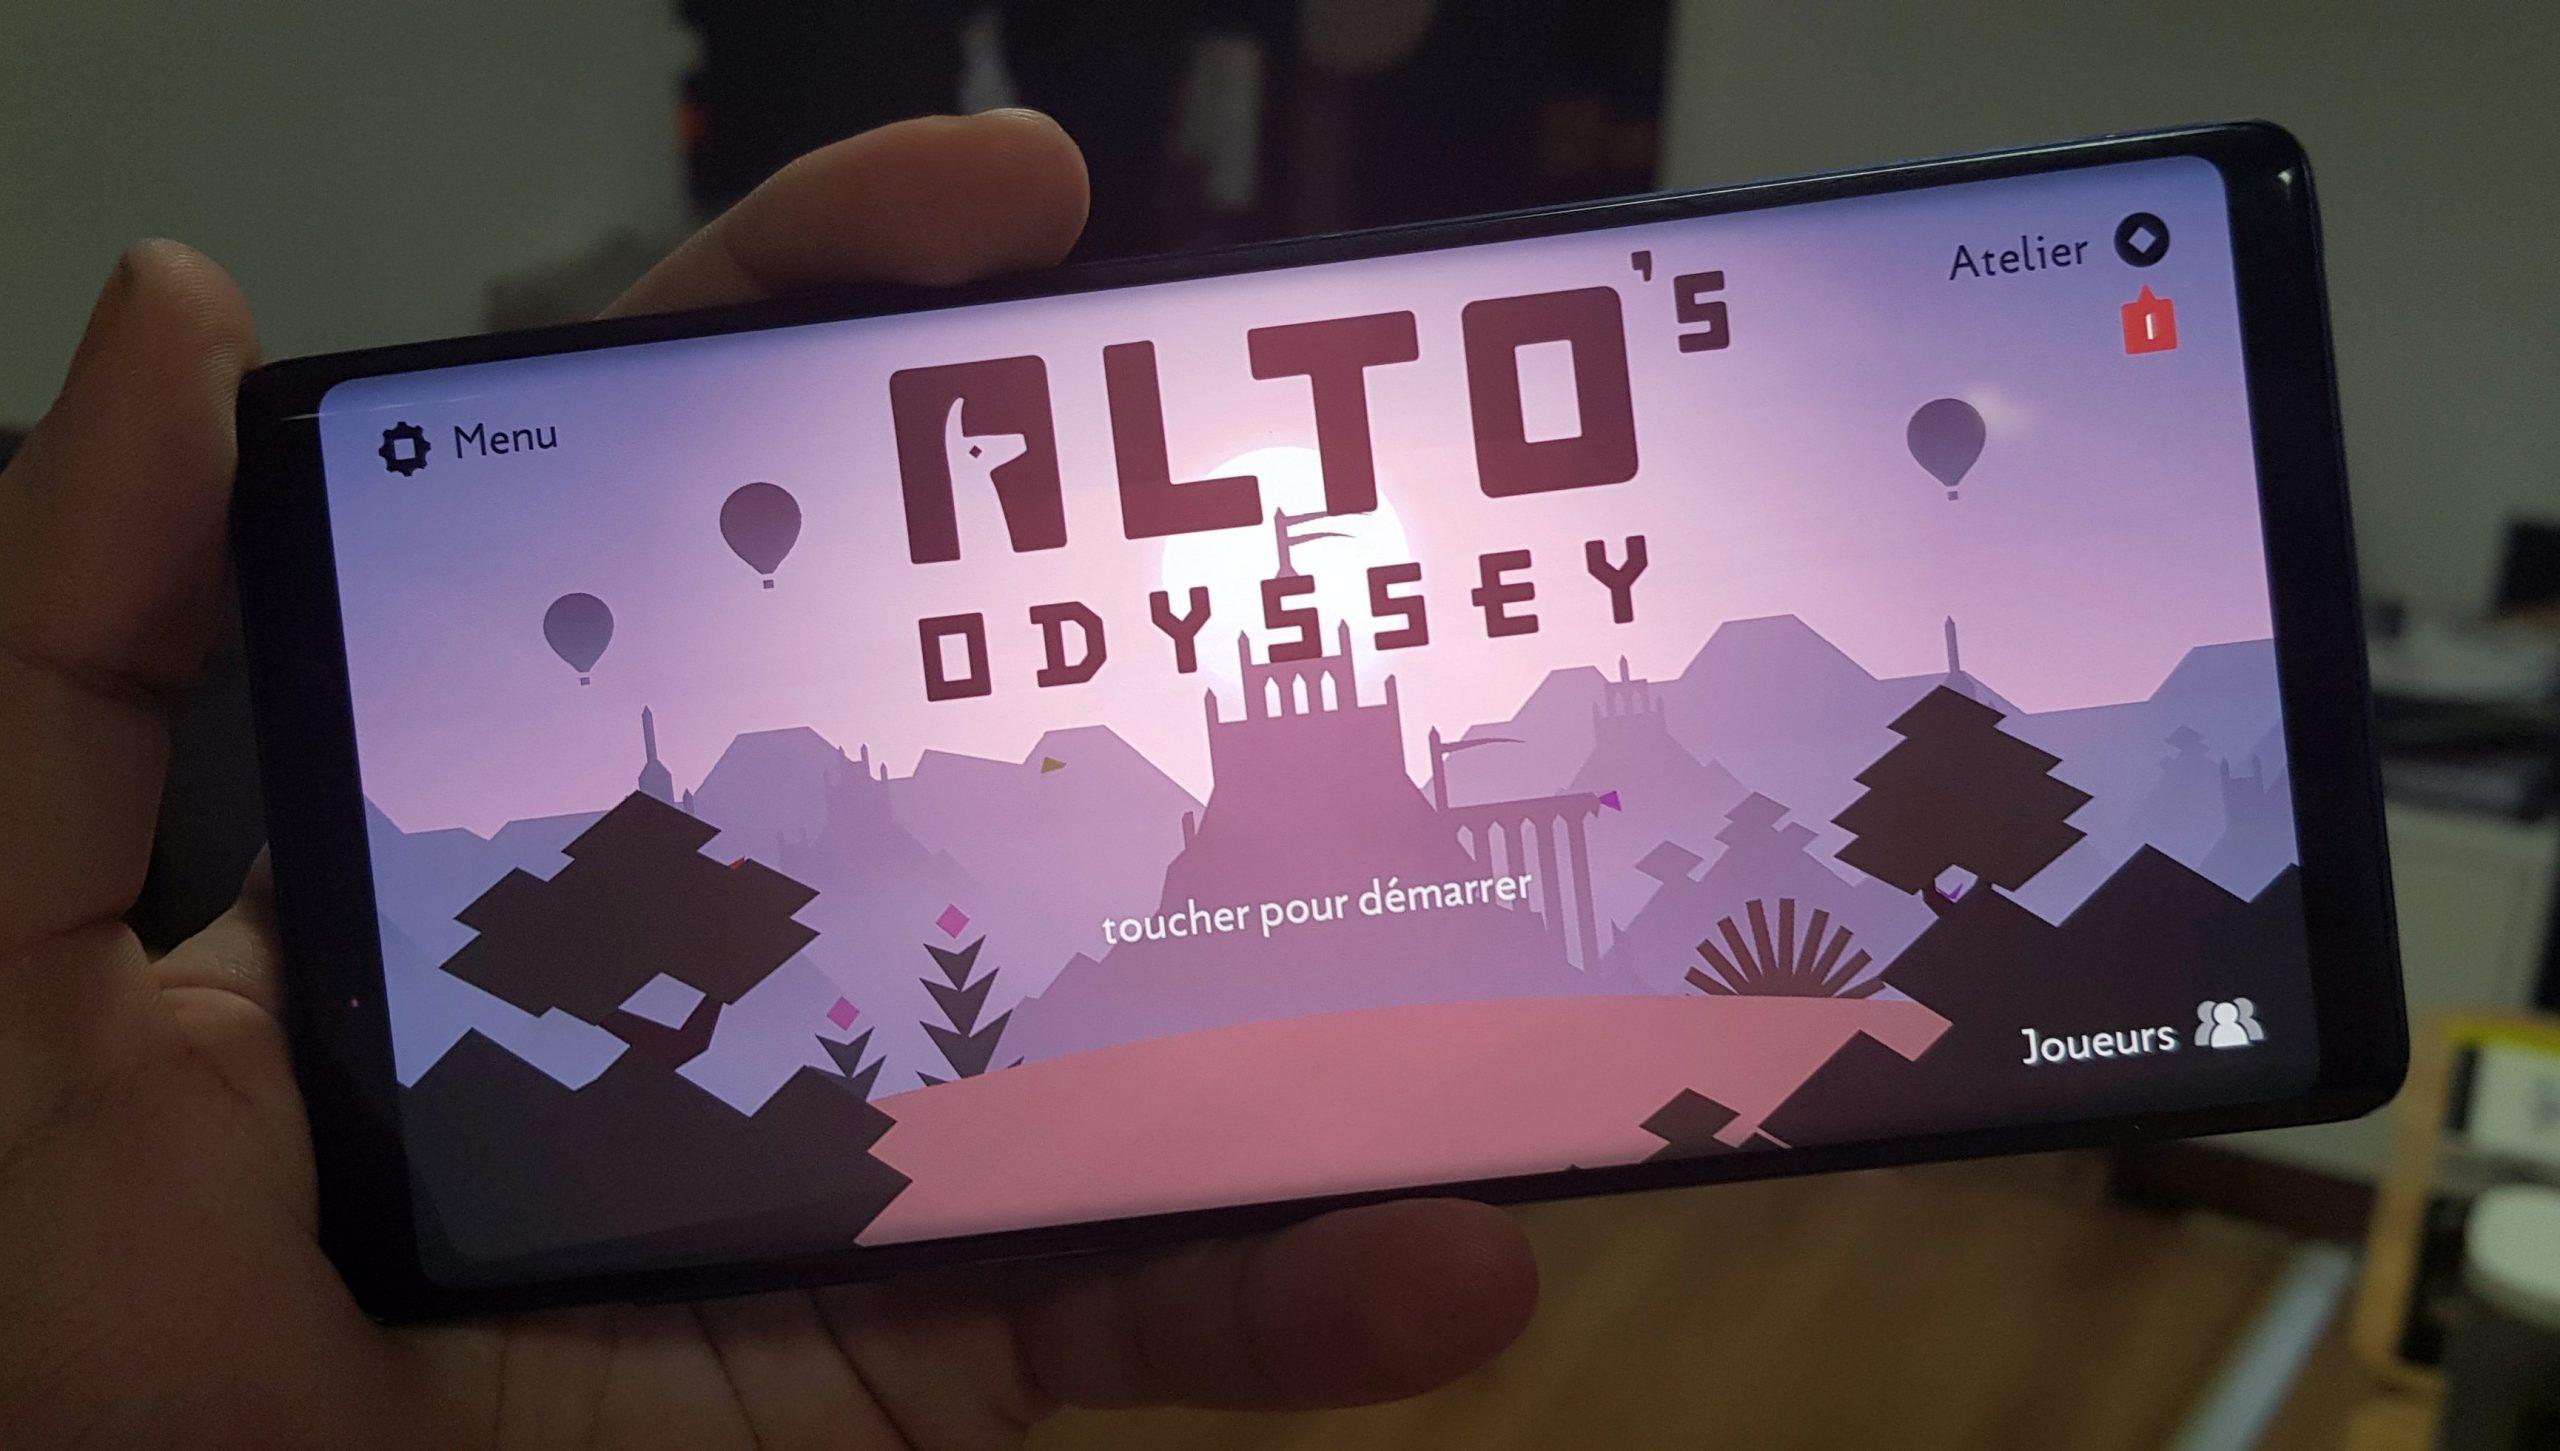 Les Meilleurs Jeux Sans Connexion Sur Android Et Ios En 2020 avec Jeux De Voiture Pour Petit